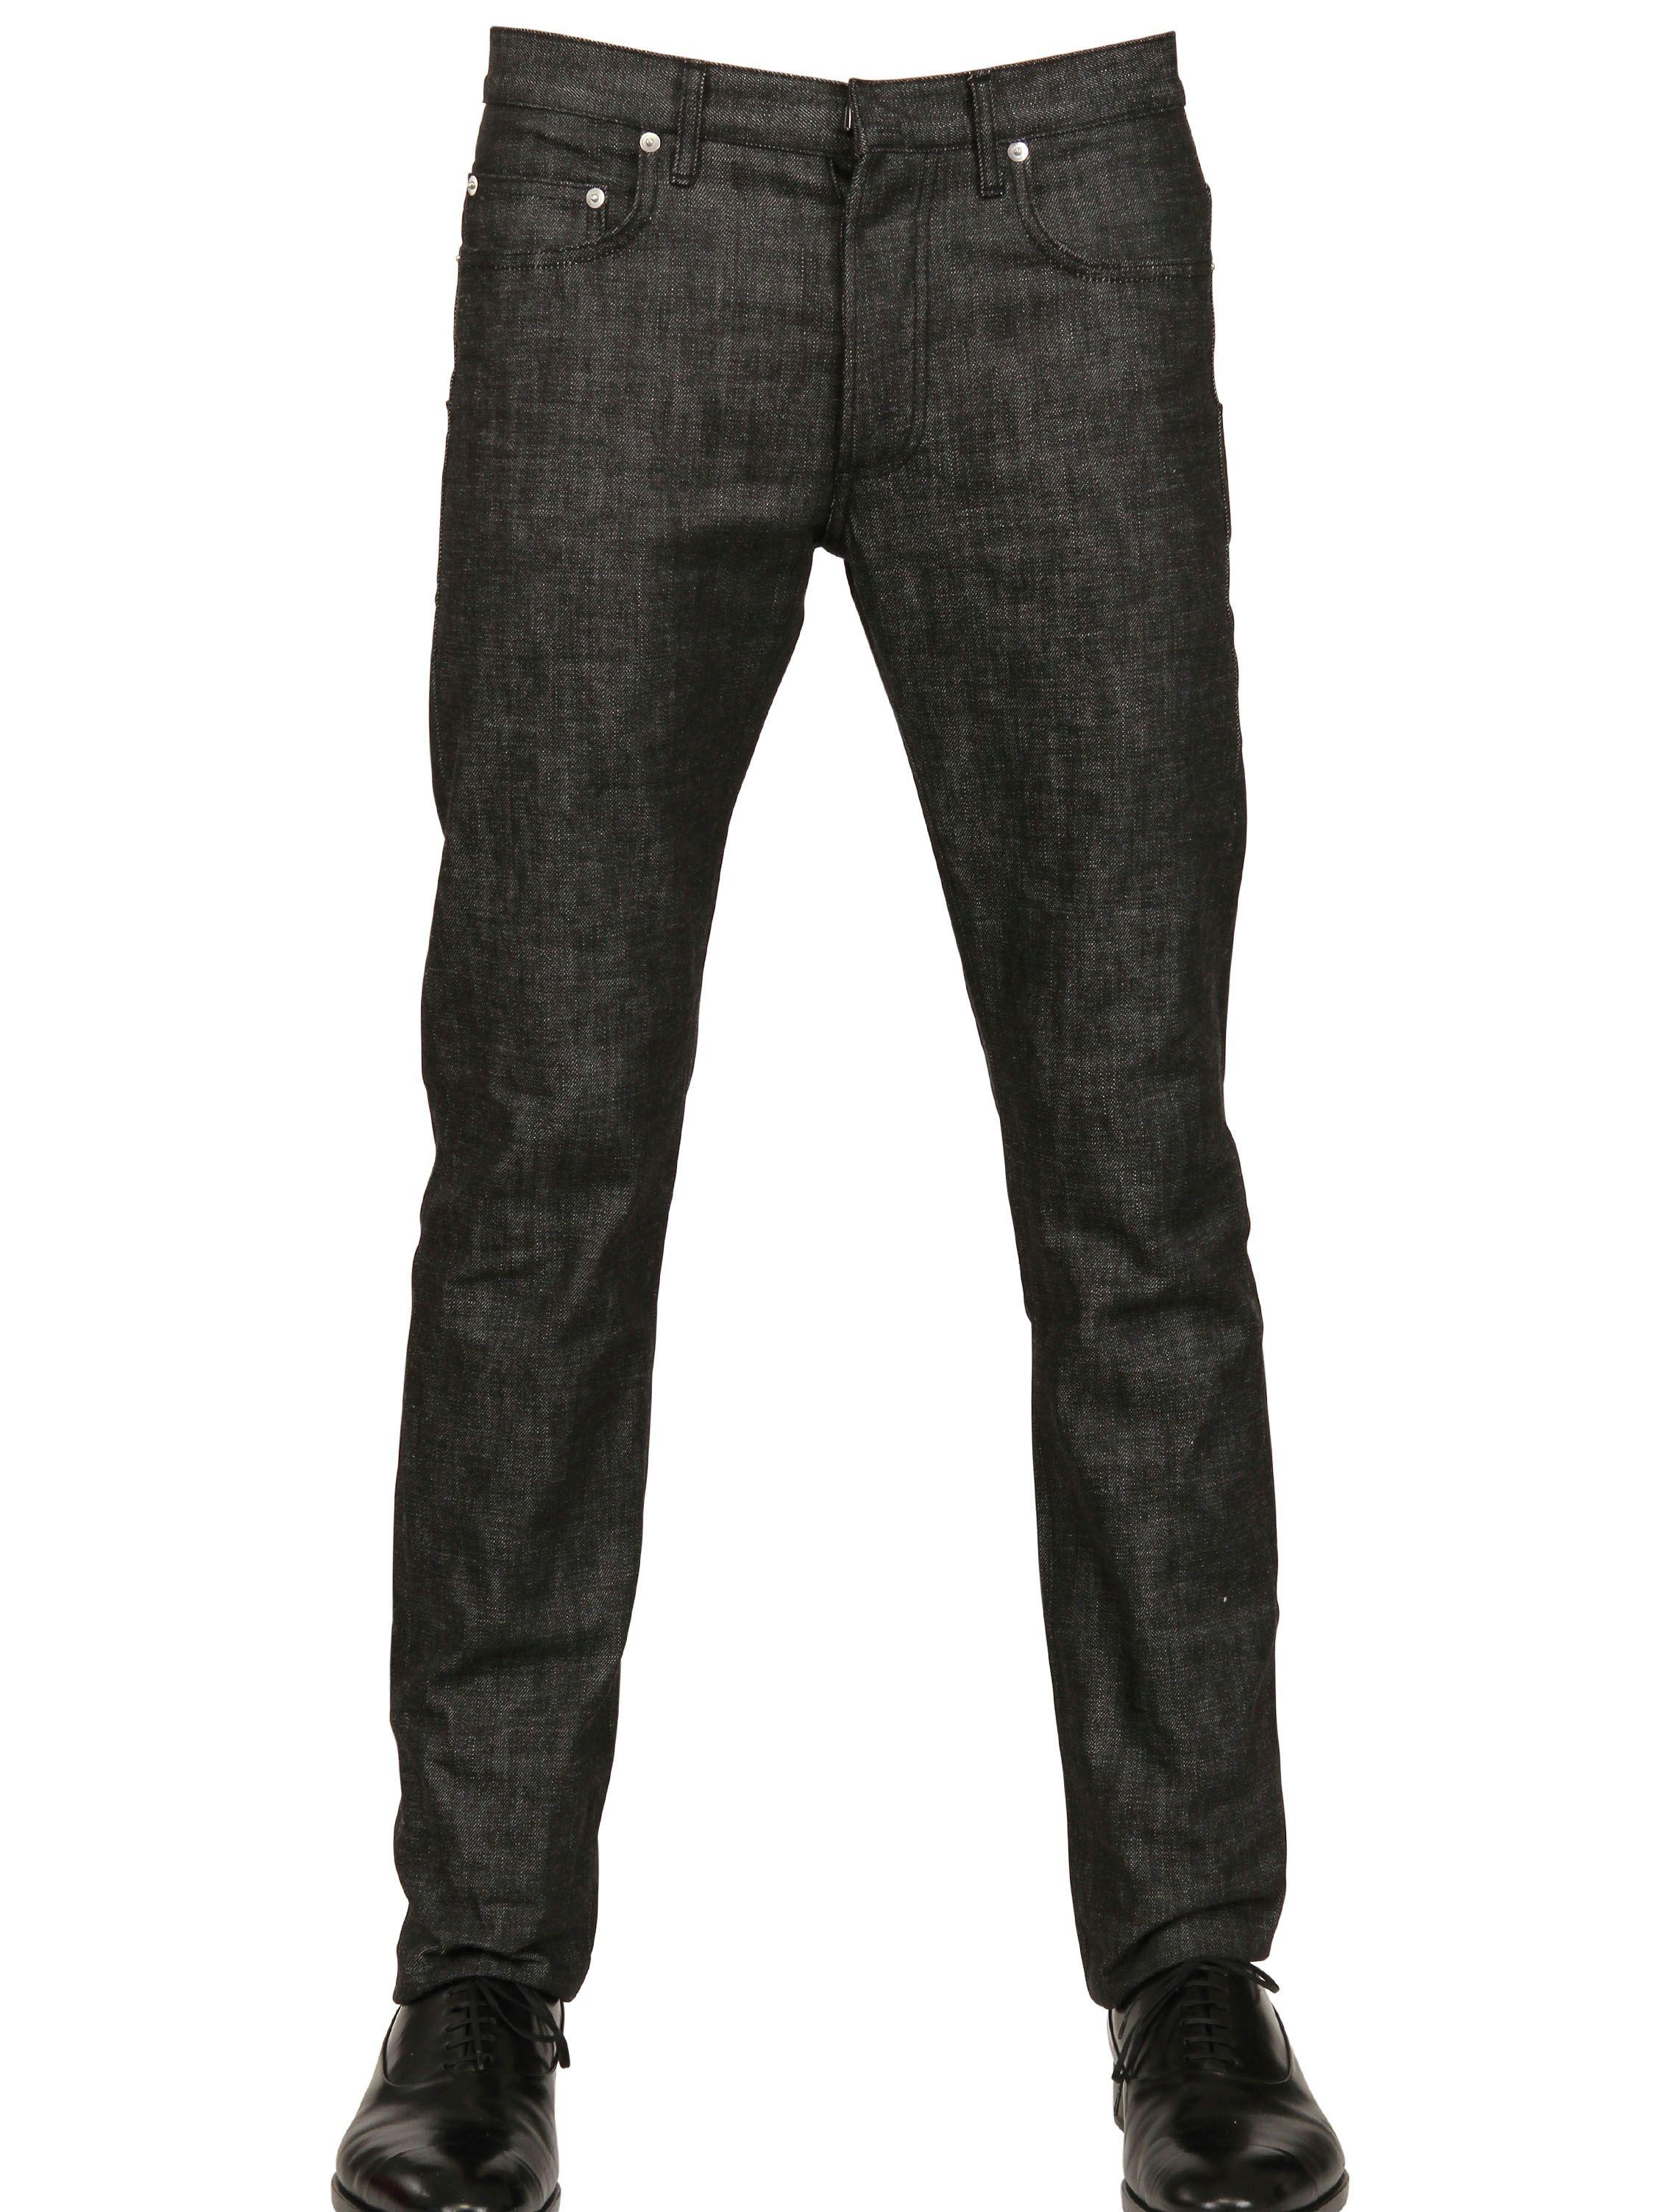 dior homme 19cm brut denim jeans in black for men lyst. Black Bedroom Furniture Sets. Home Design Ideas